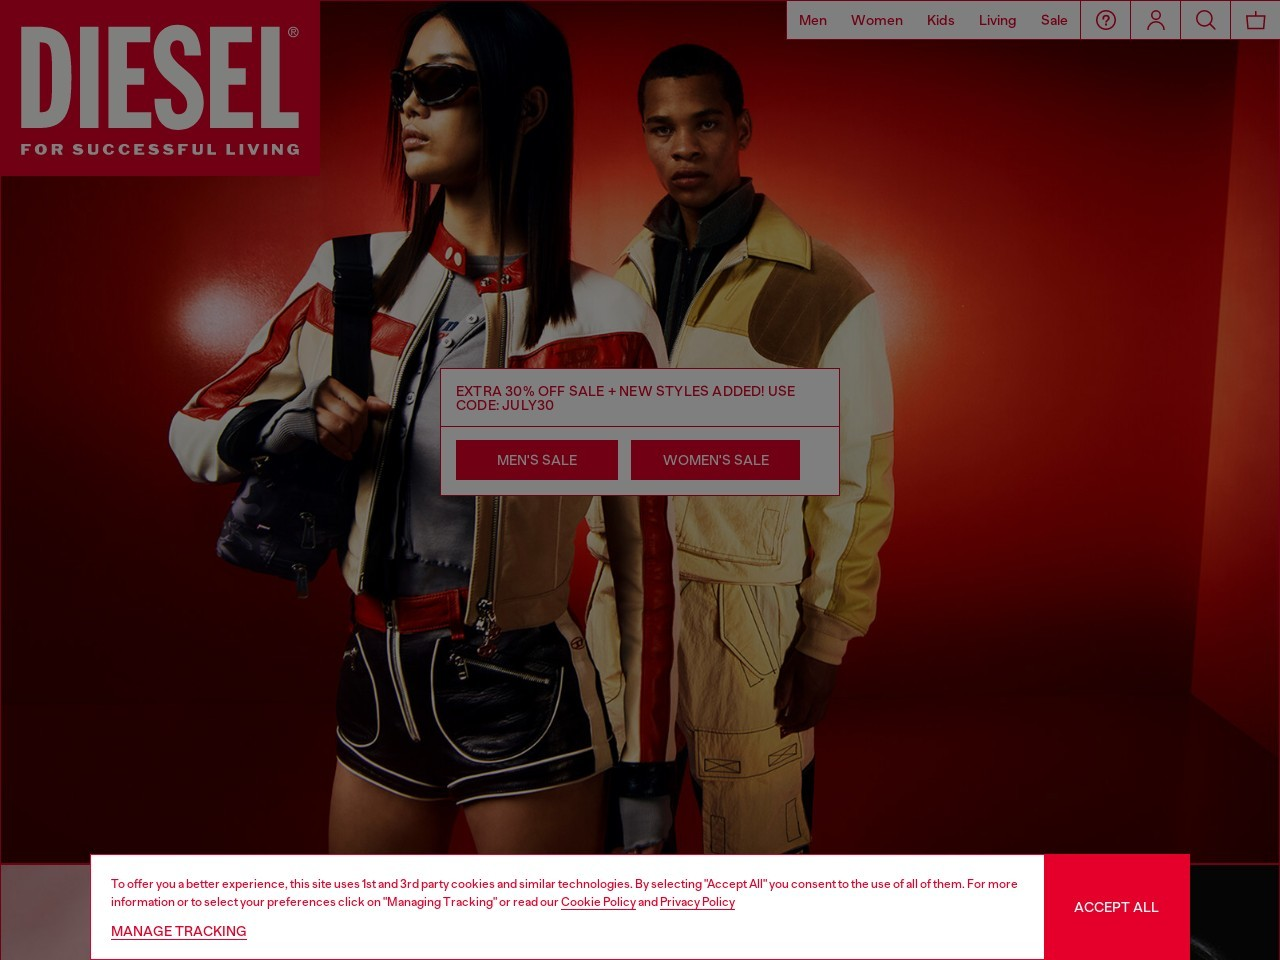 http://www.diesel.com